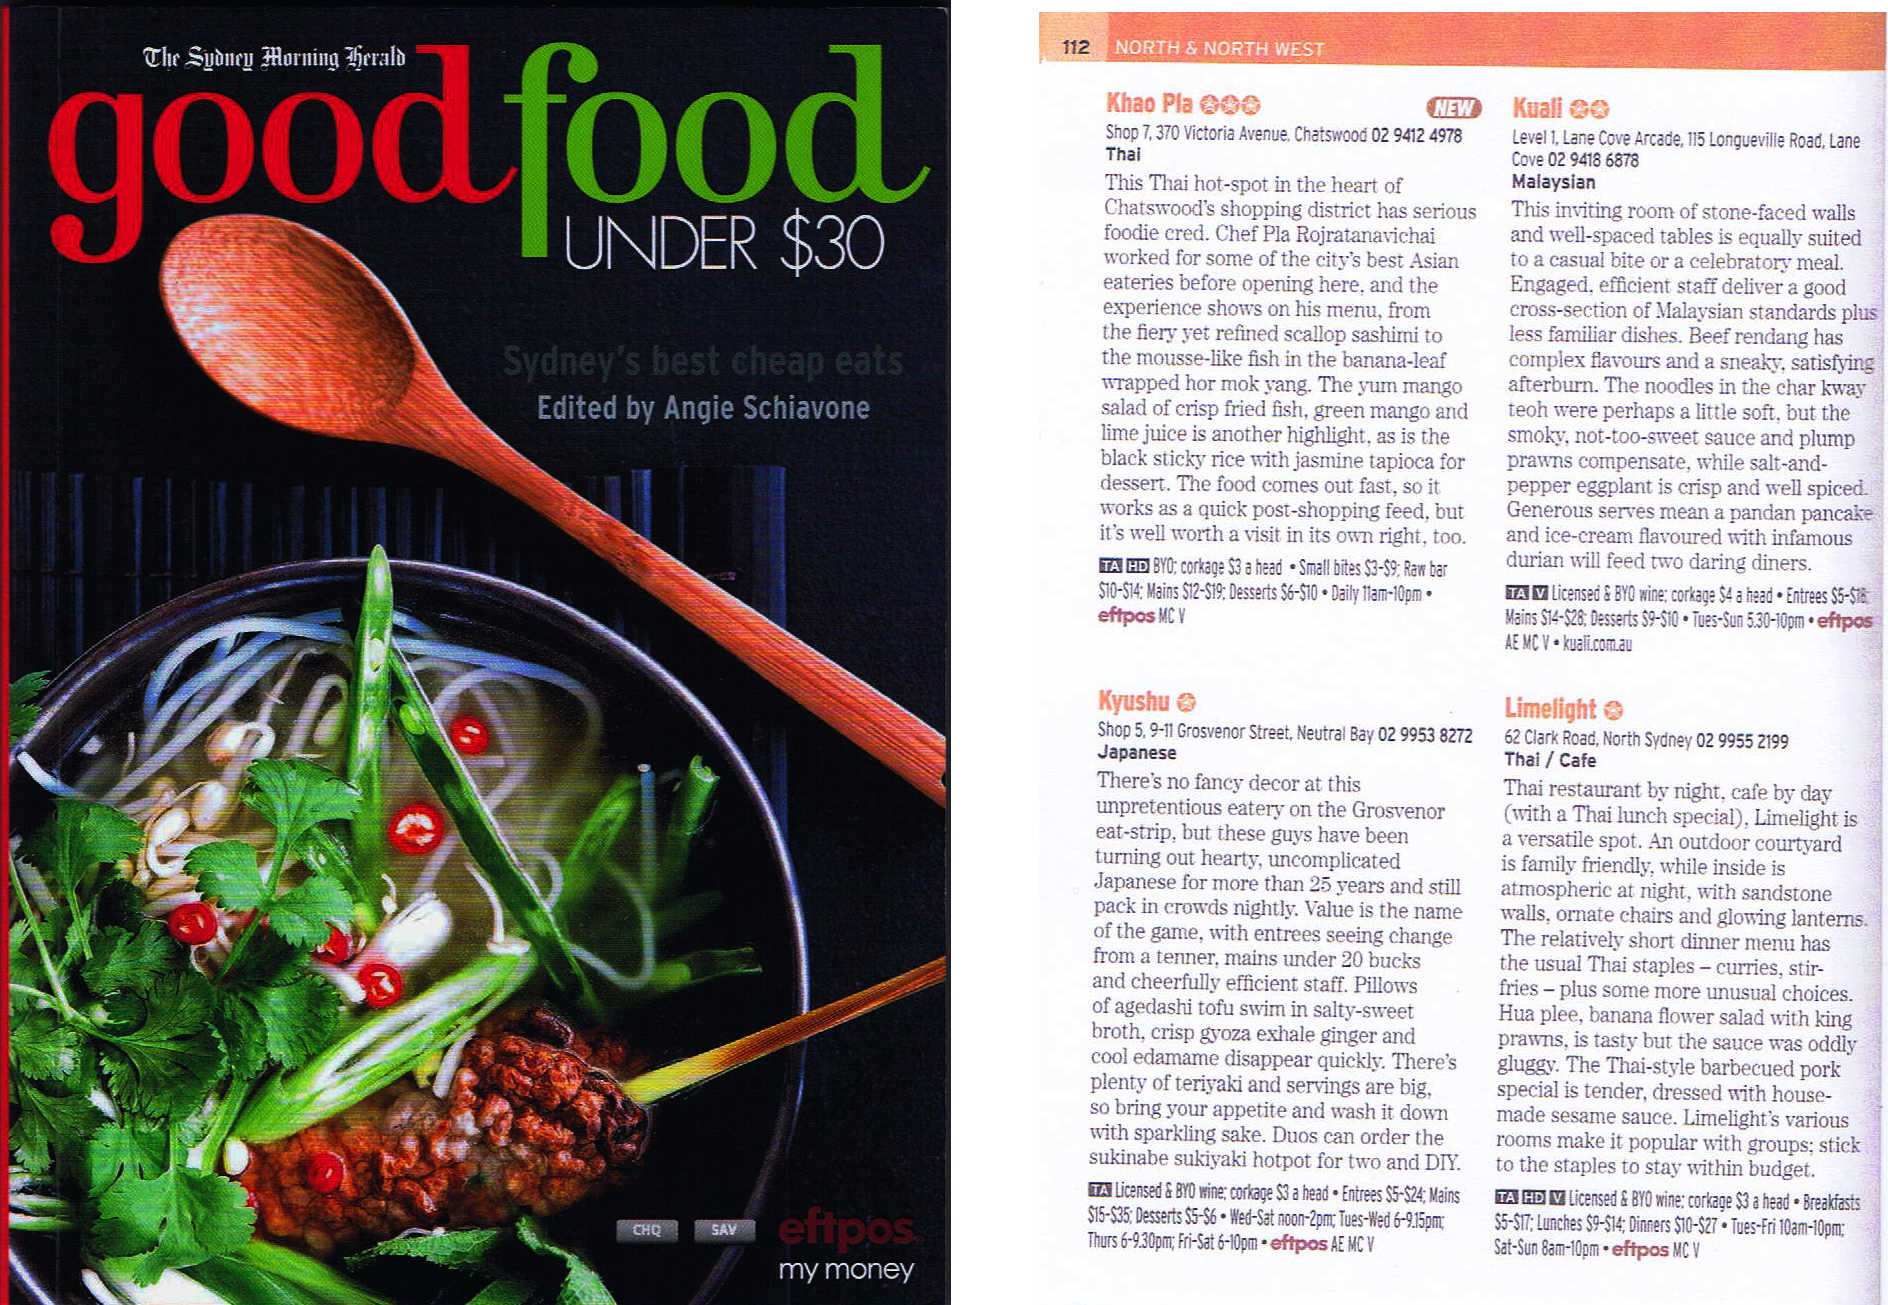 Good food U30.jpg